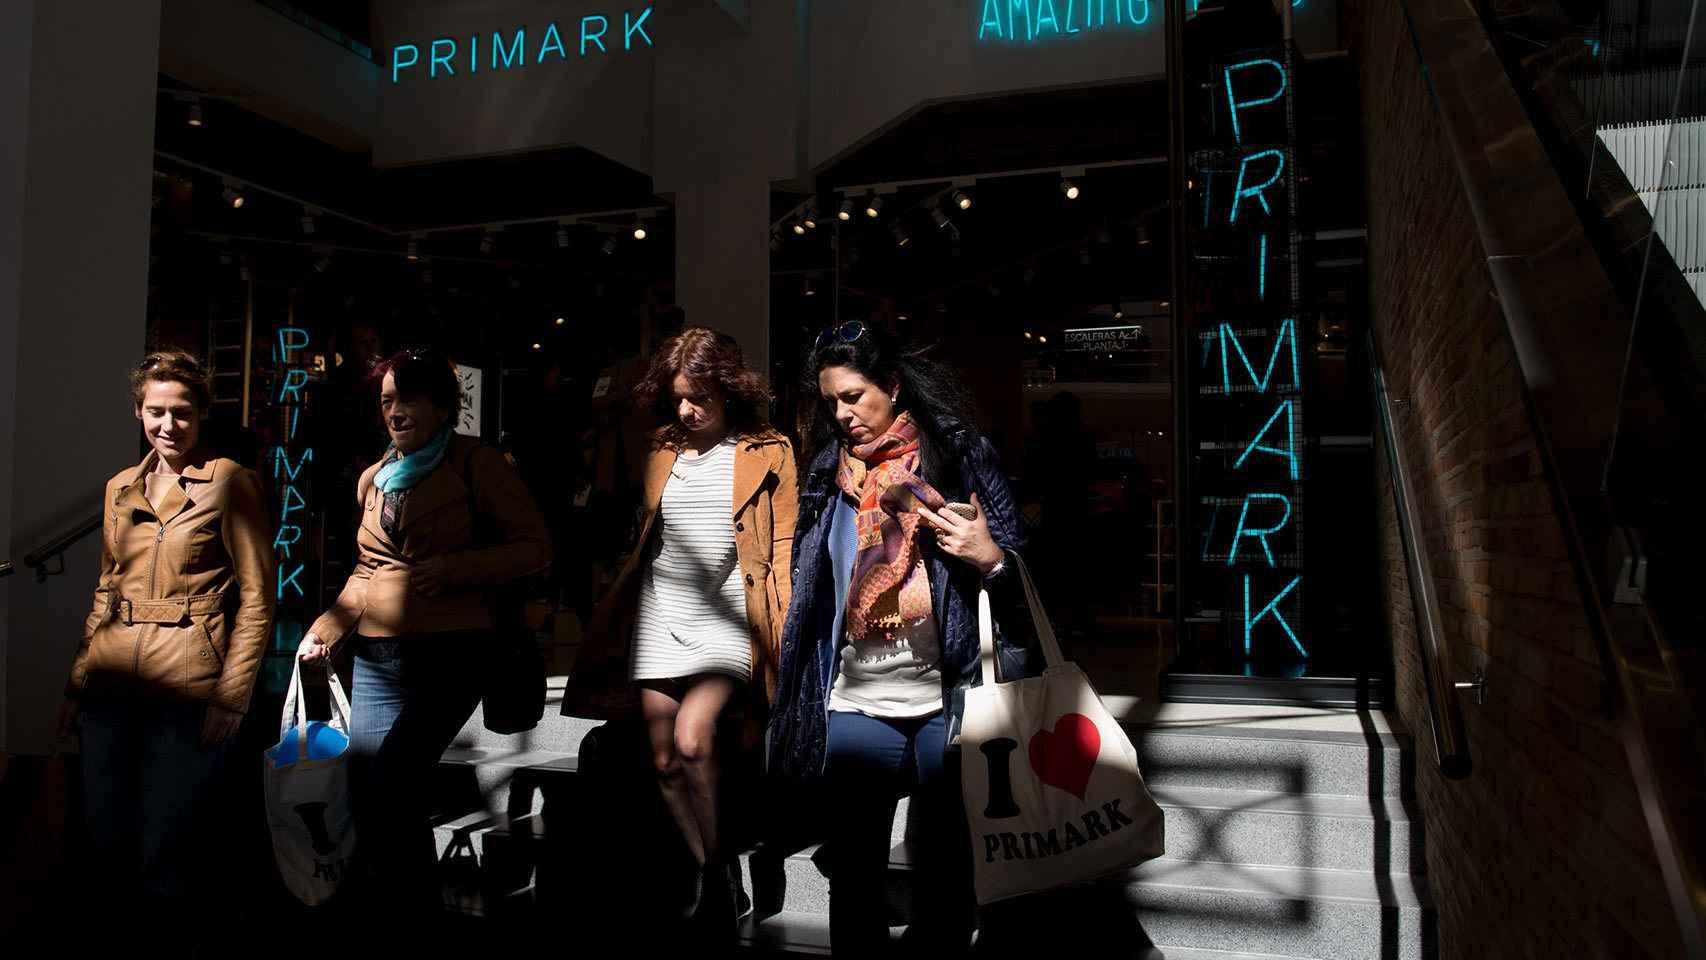 Entrada de la tienda de Primark en la Gran Vía de Madrid.